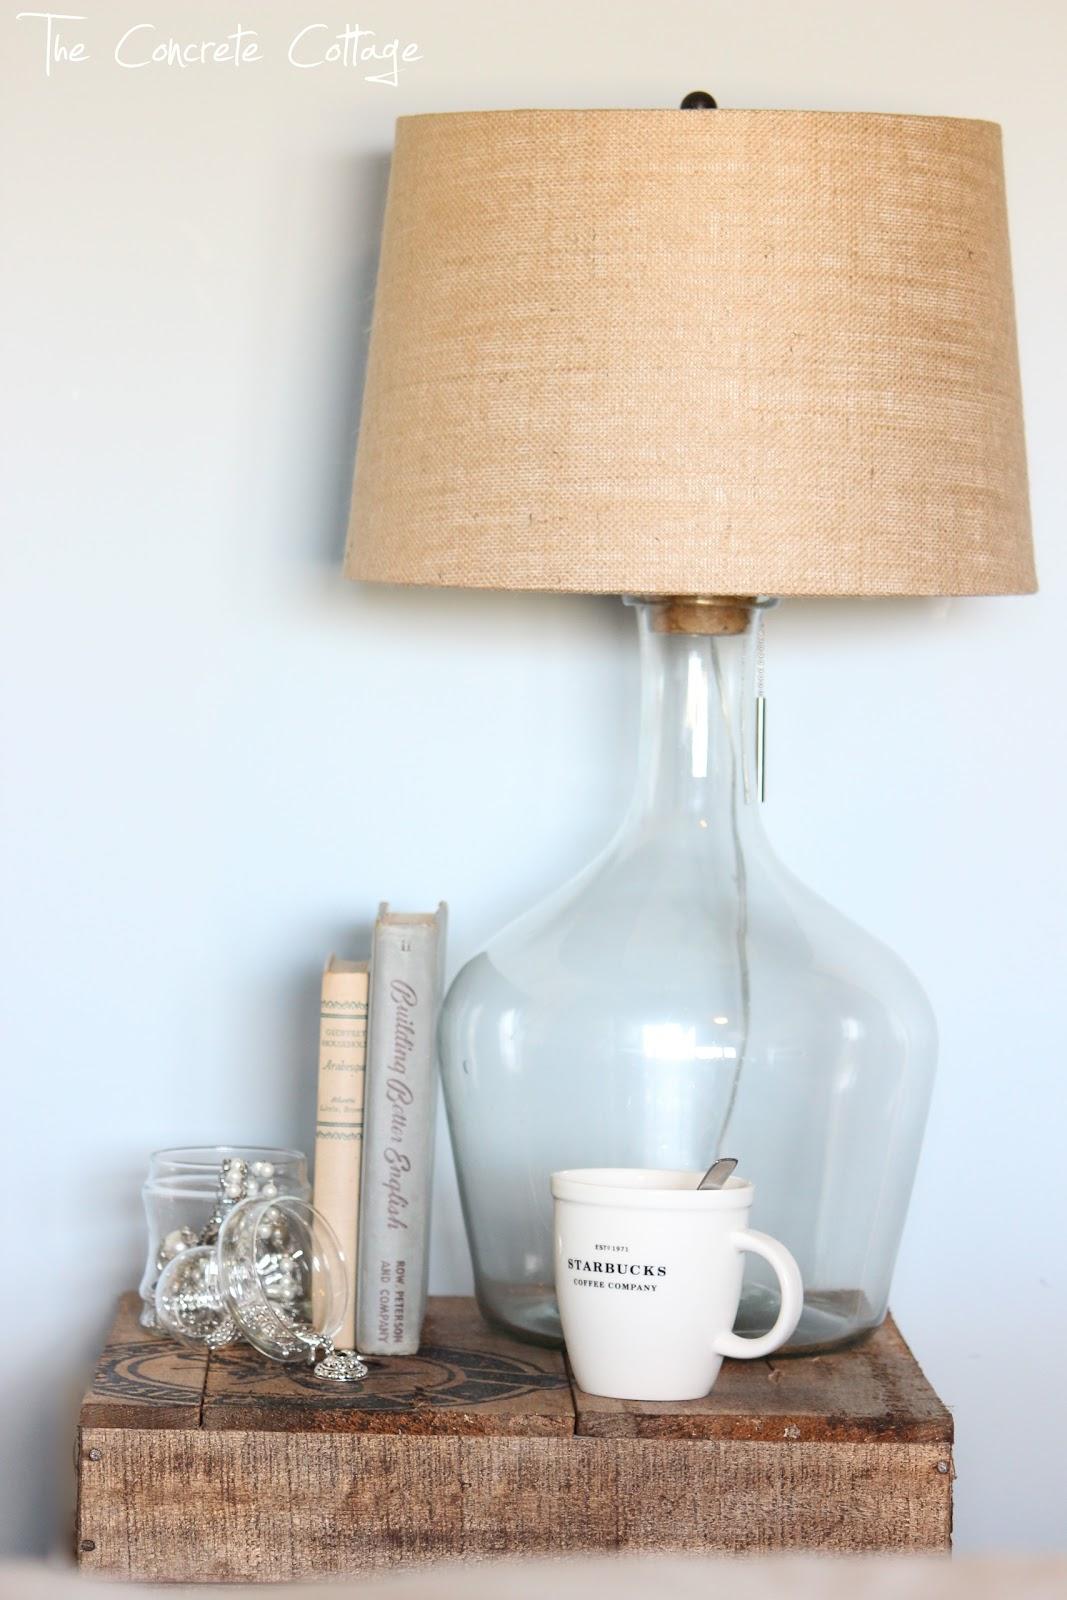 The Concrete Cottage Gl Bottle Lamp